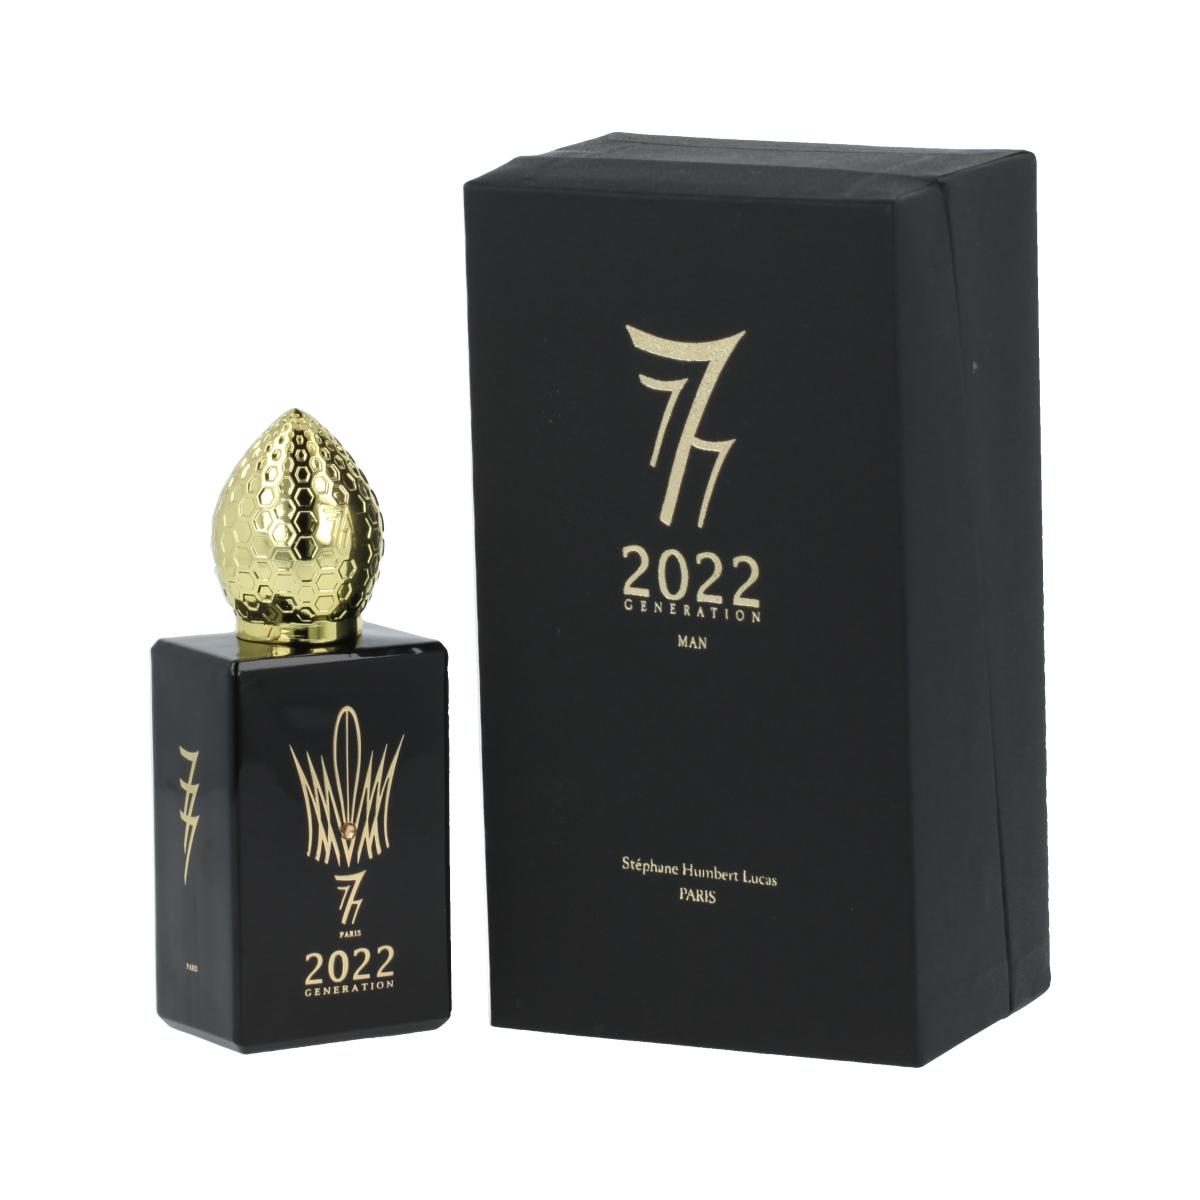 Stéphane Humbert Lucas 777 2022 Generation Man Eau De Parfum 50 ml (man) 10840